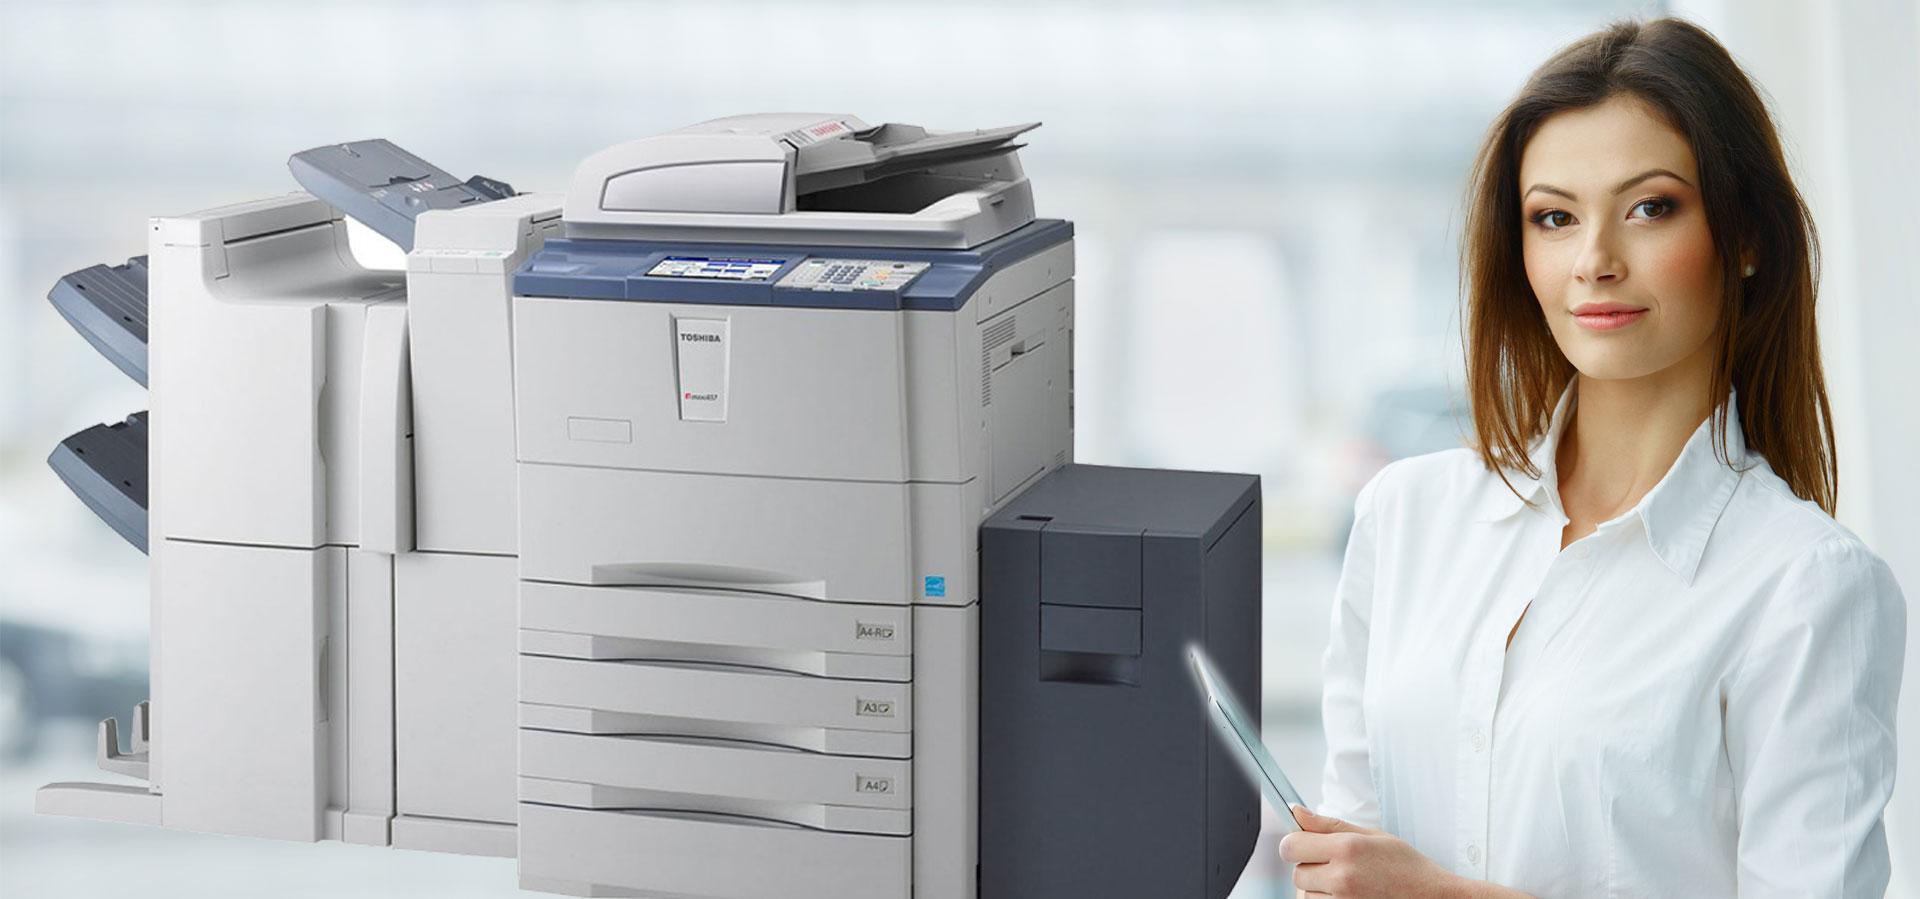 Prodaja, Servis, kopir aparati, štampači, birooprema, računari, POS aparati